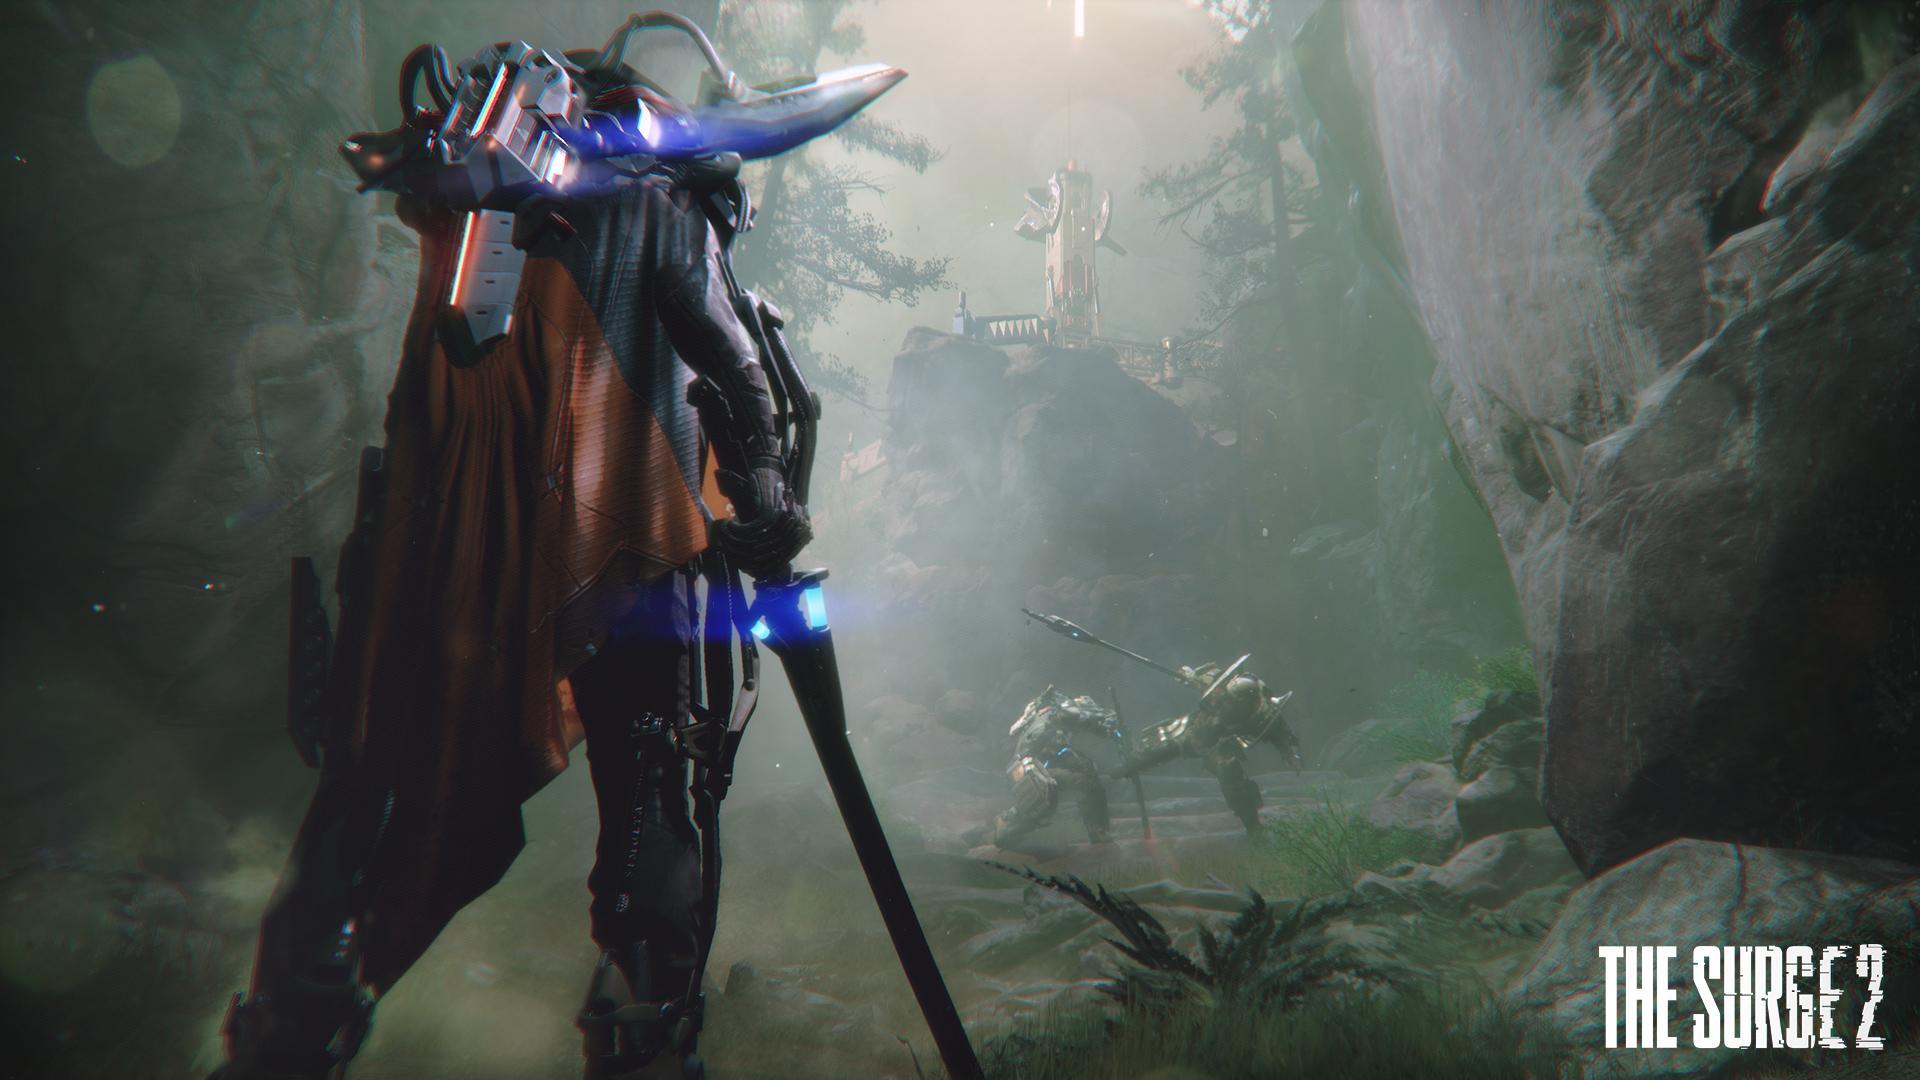 تصاویر جدیدی از بازی The Surge 2 منتشر شد